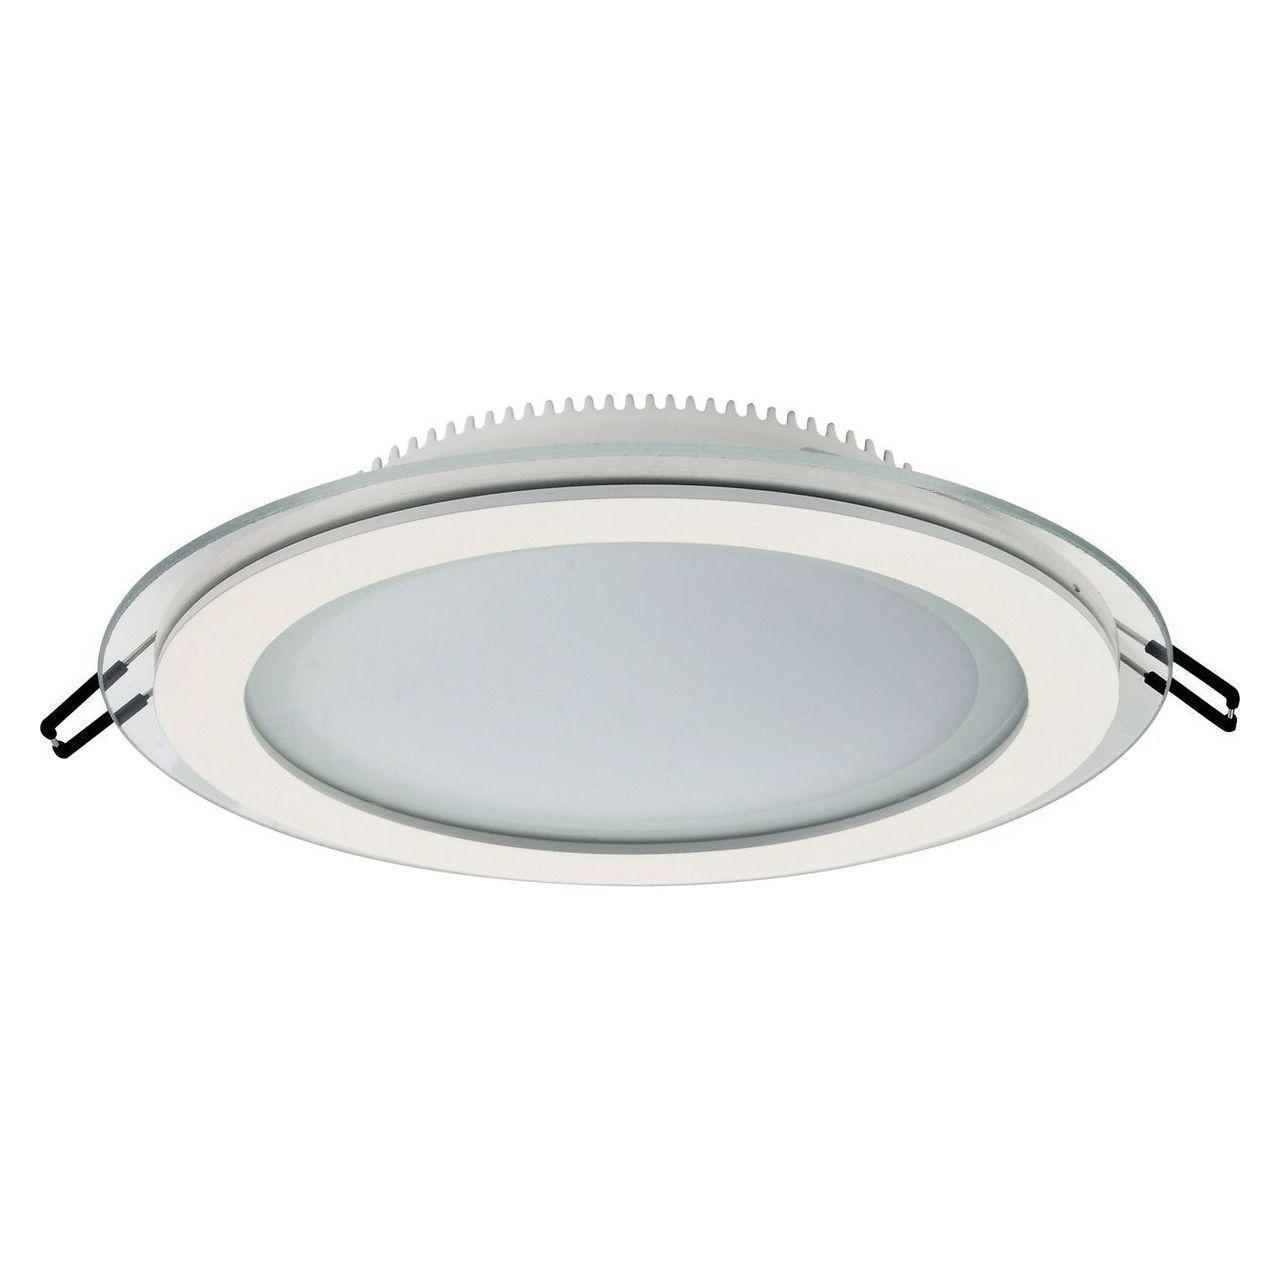 Встраиваемый светодиодный светильник Horoz 15W 6400K белый 016-016-0015 (HL689LG)